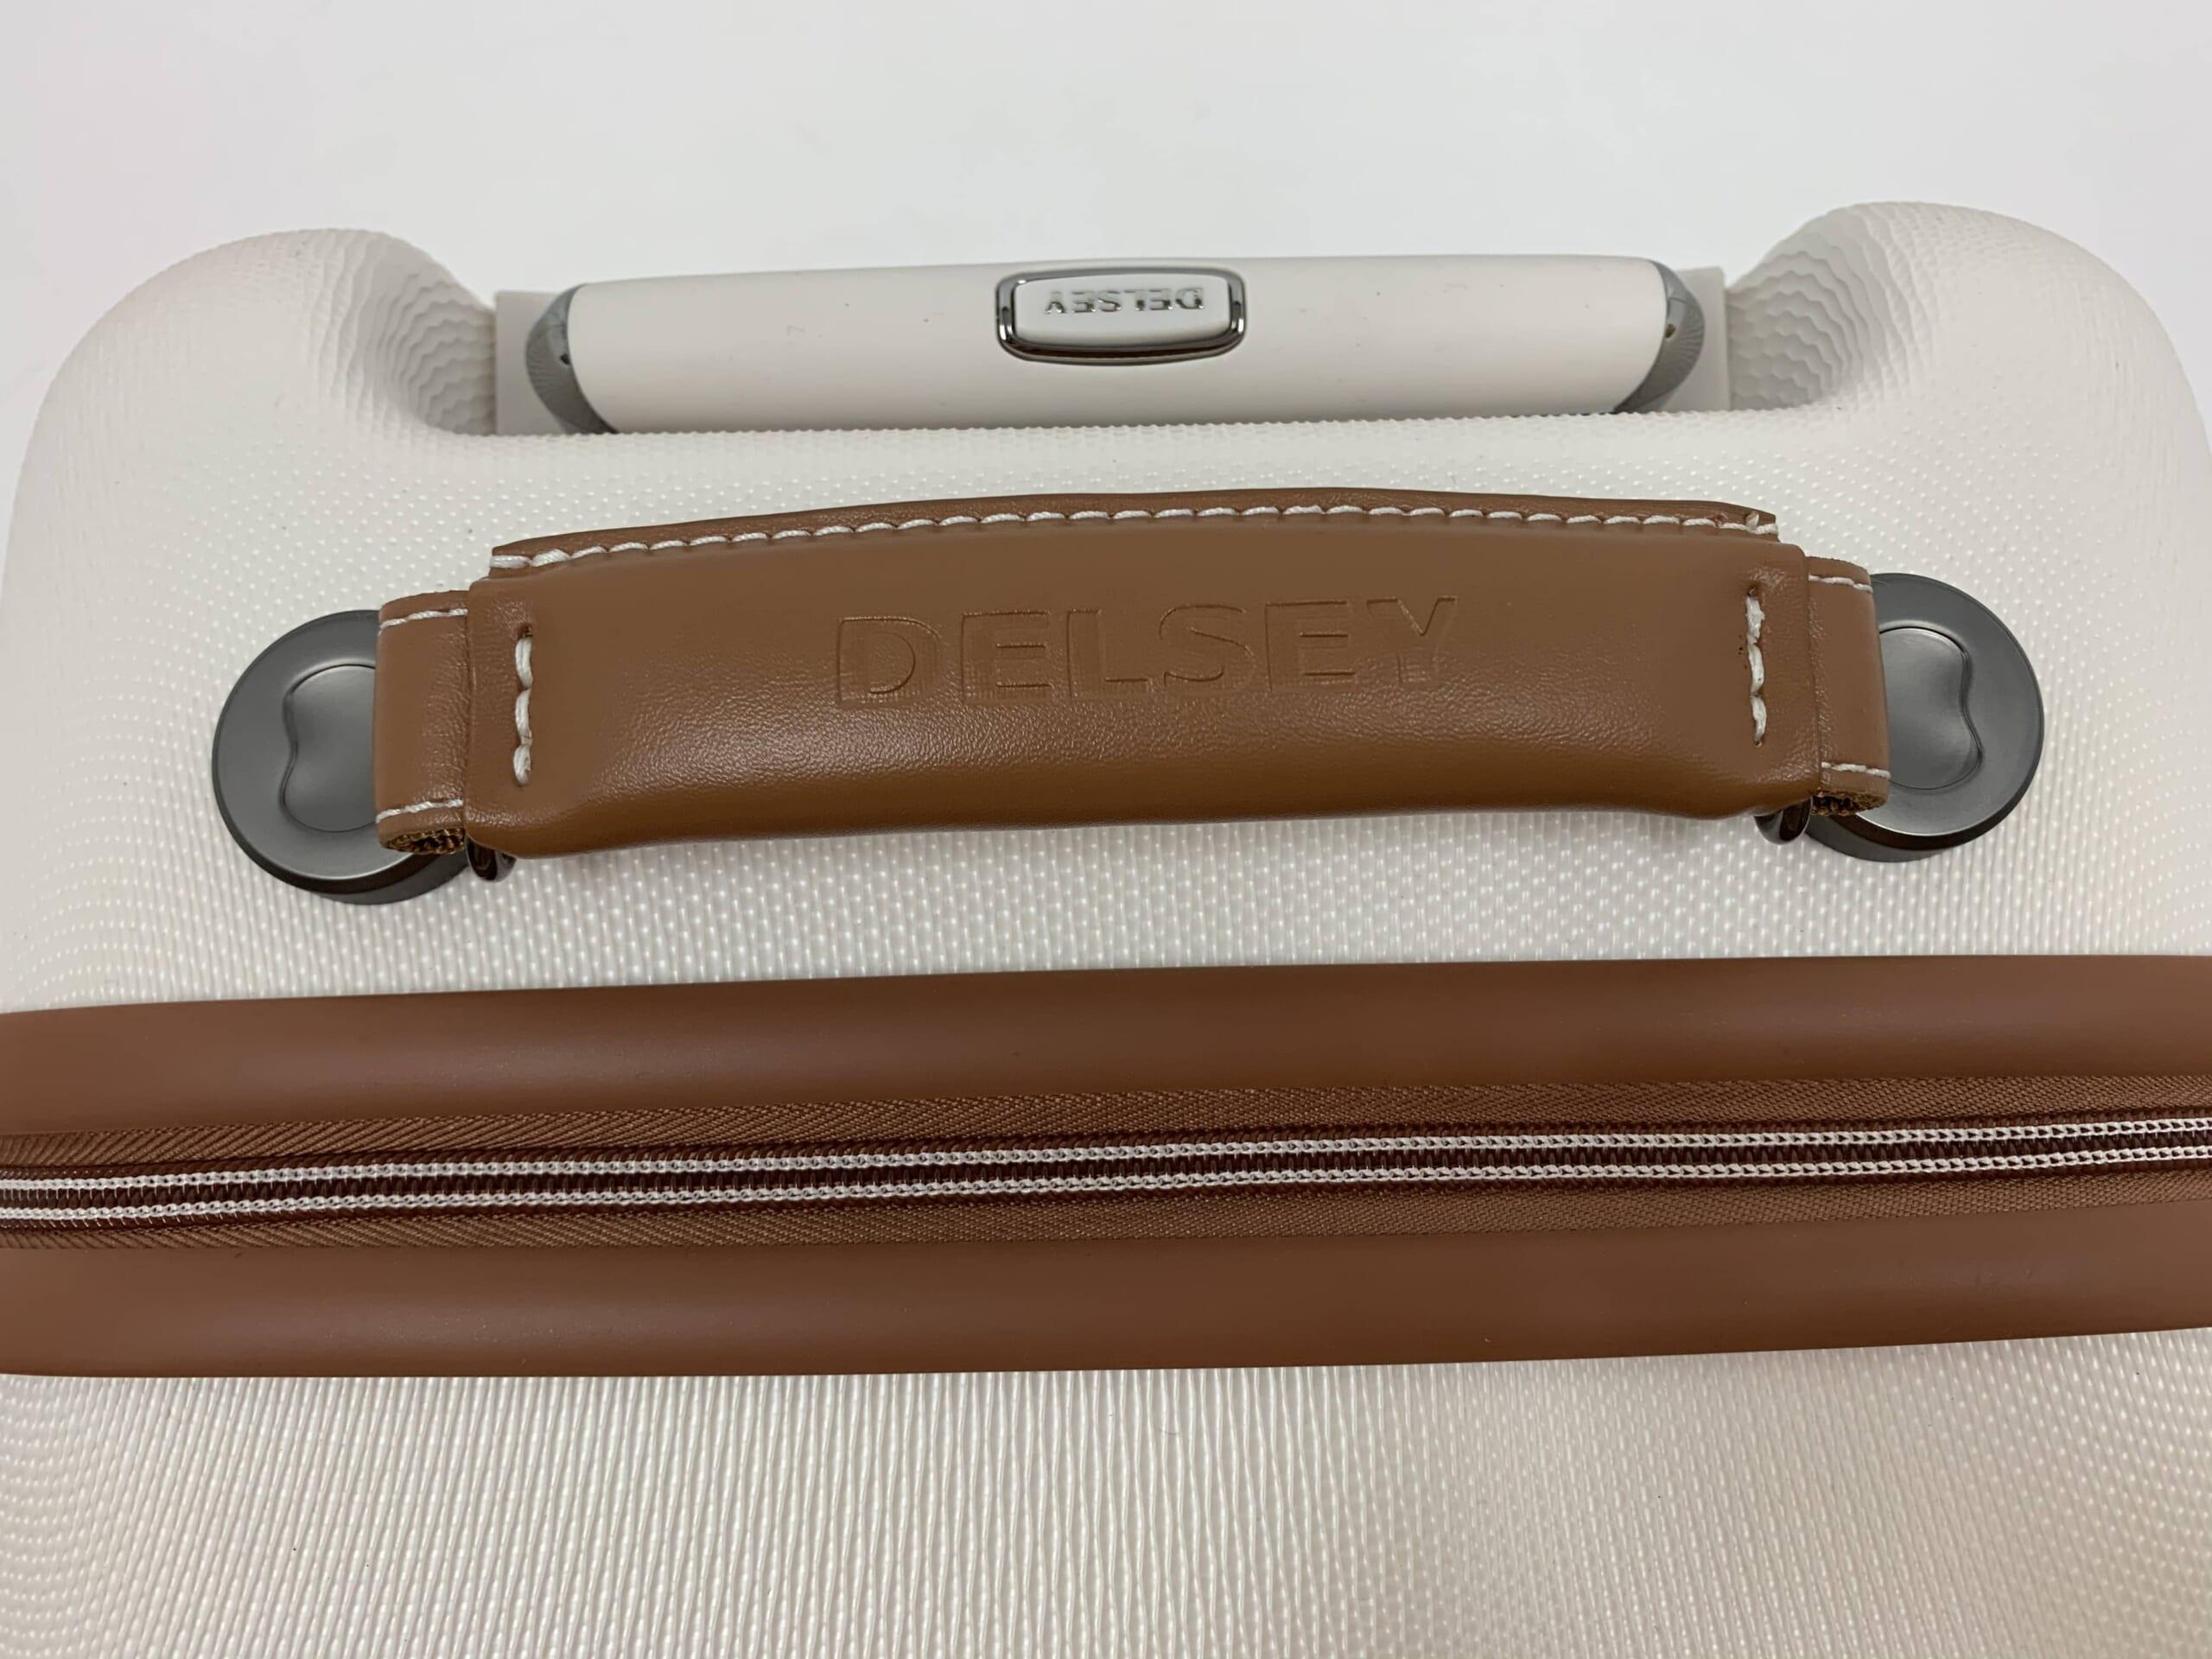 レザー調の濃いブラウンのスーツケースハンドル